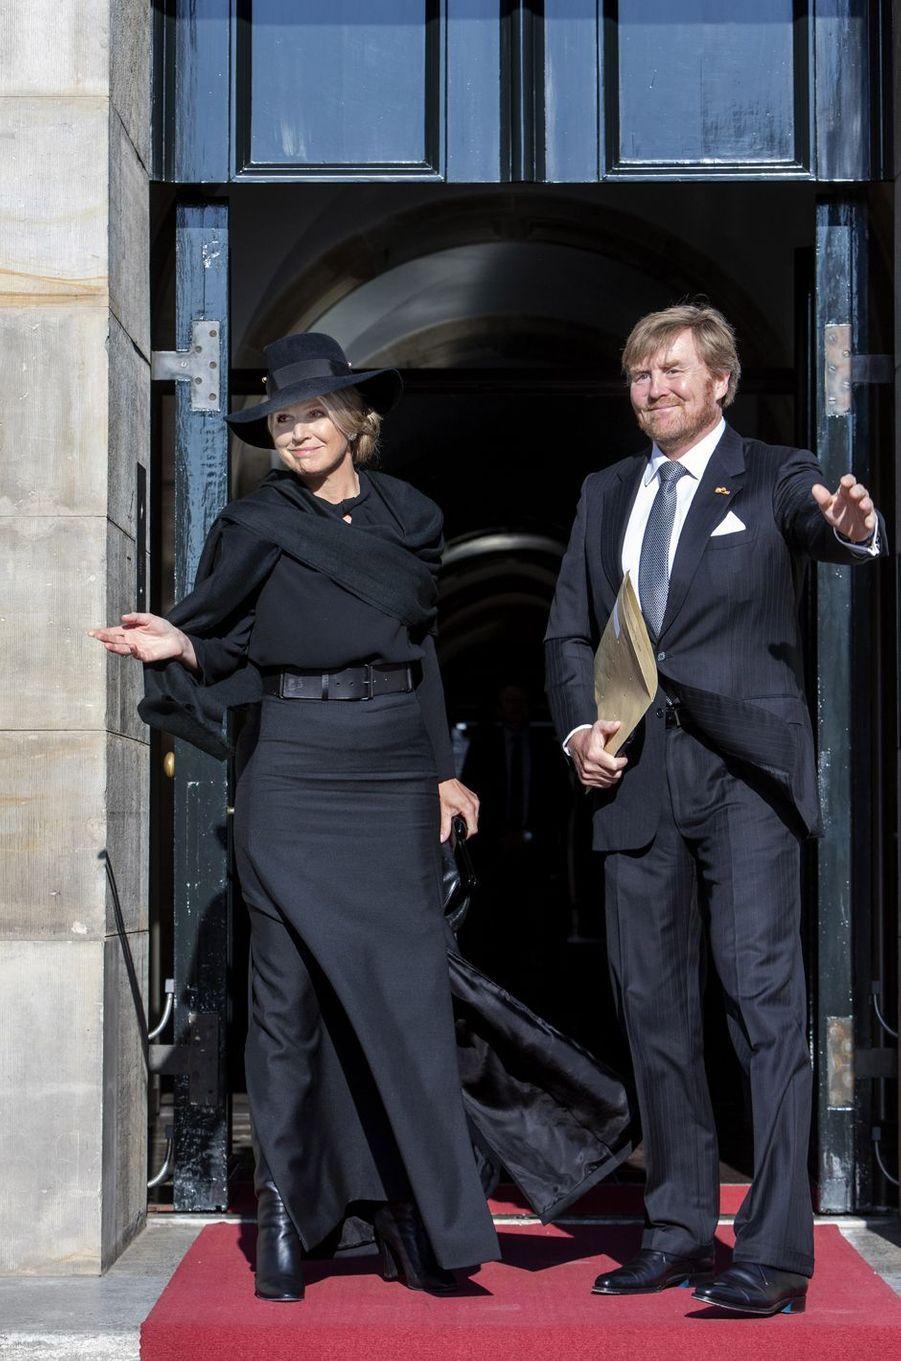 La reine Maxima et le roi Willem-Alexander des Pays-Bas à leur arrivée au Palais royal à Amsterdam, le 4 mai 2020